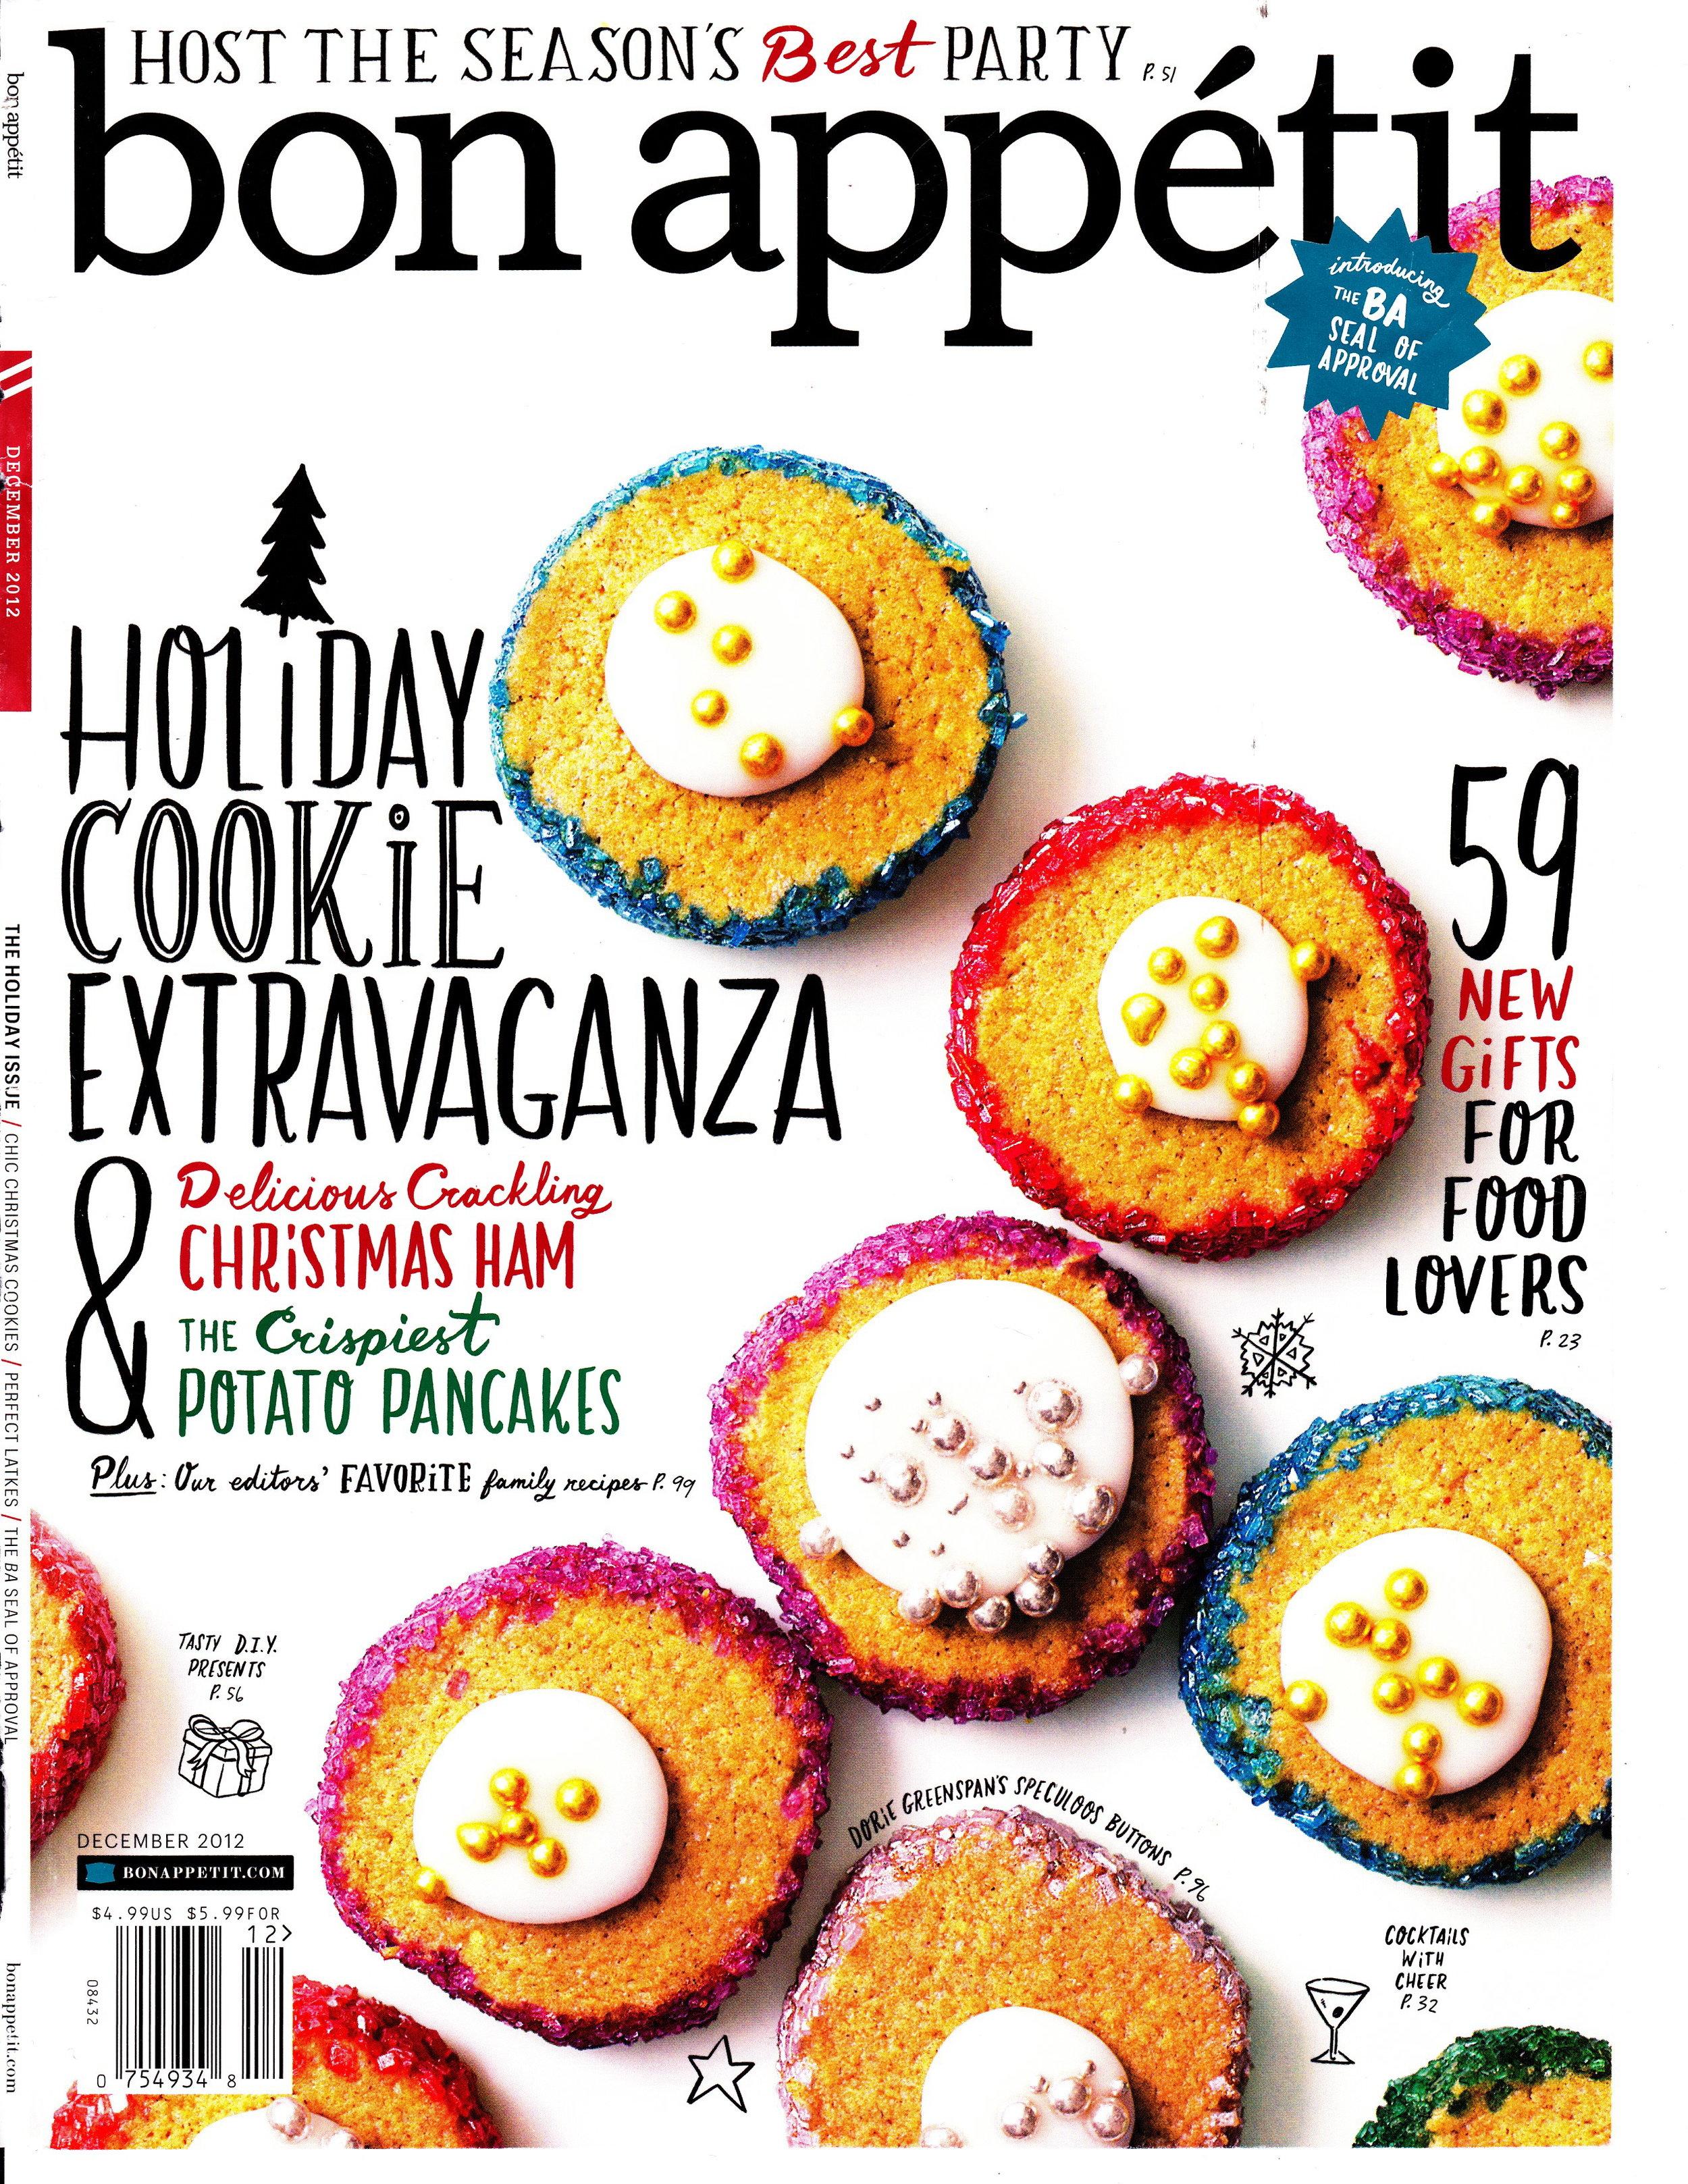 2012 December Bon Appetit.jpg